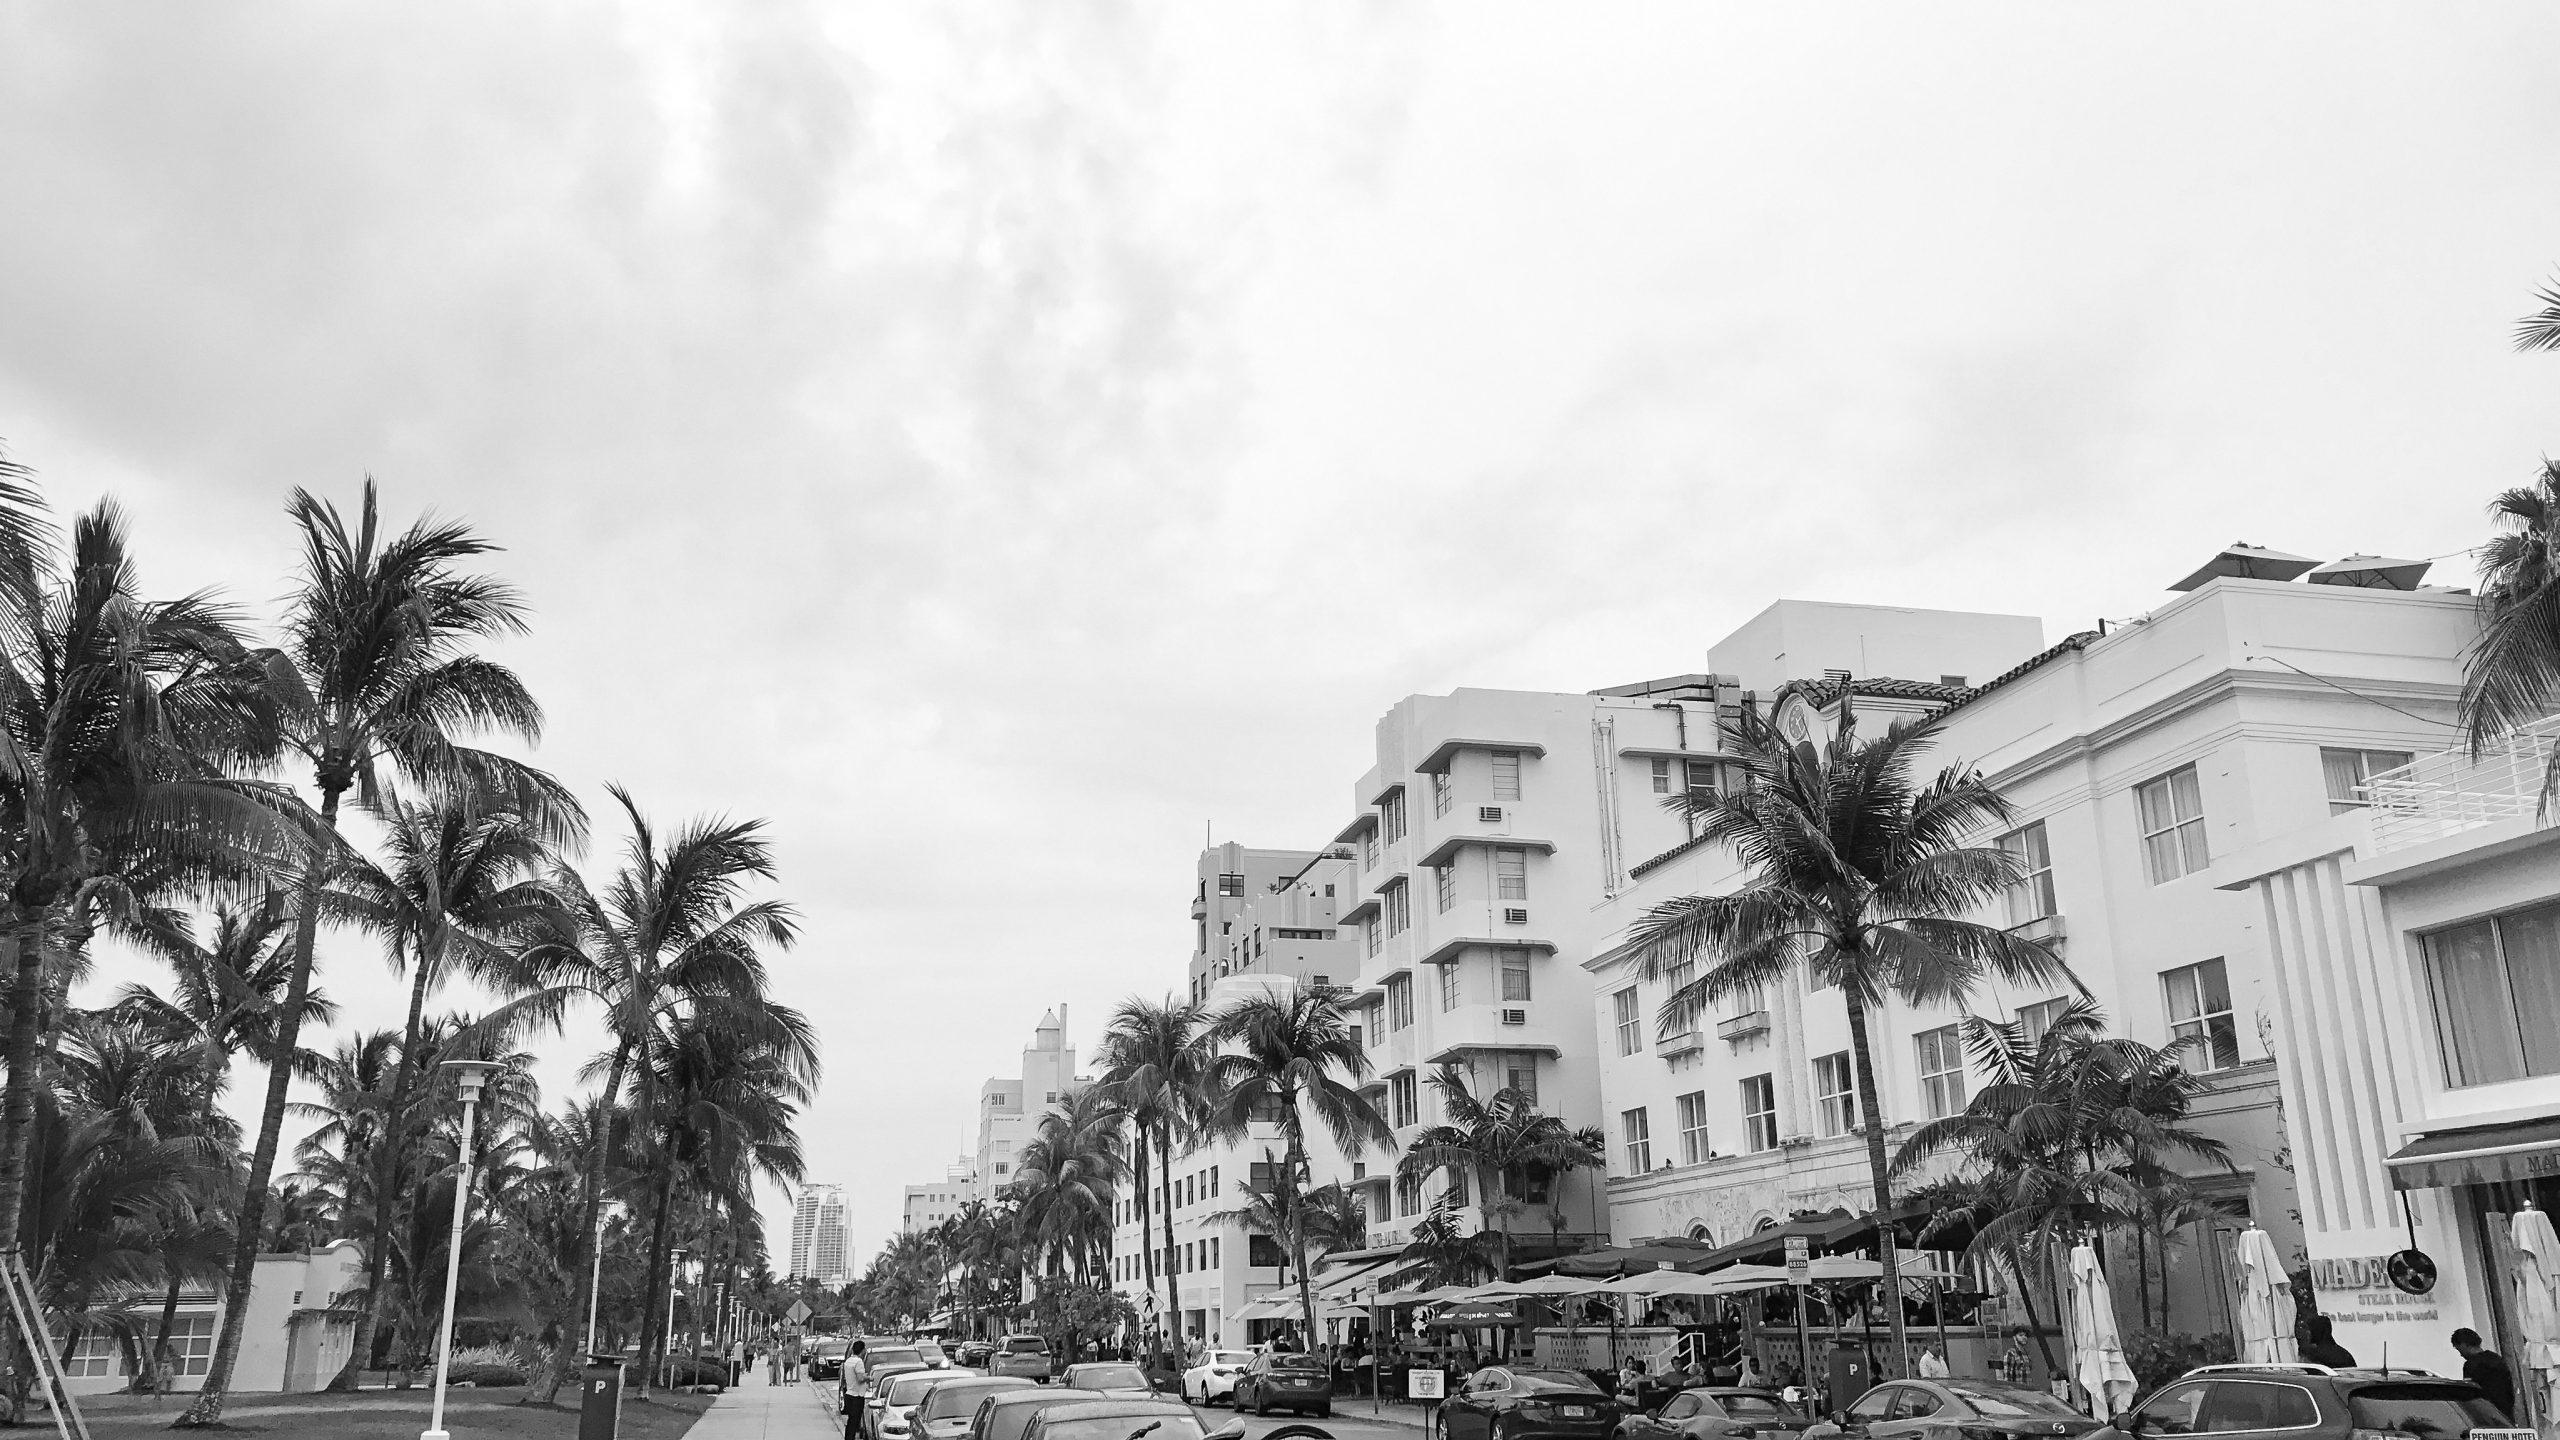 IMG 4025 scaled - Miami Beach ve Hayatın Tadına Varmanın 7 Farklı Yolu